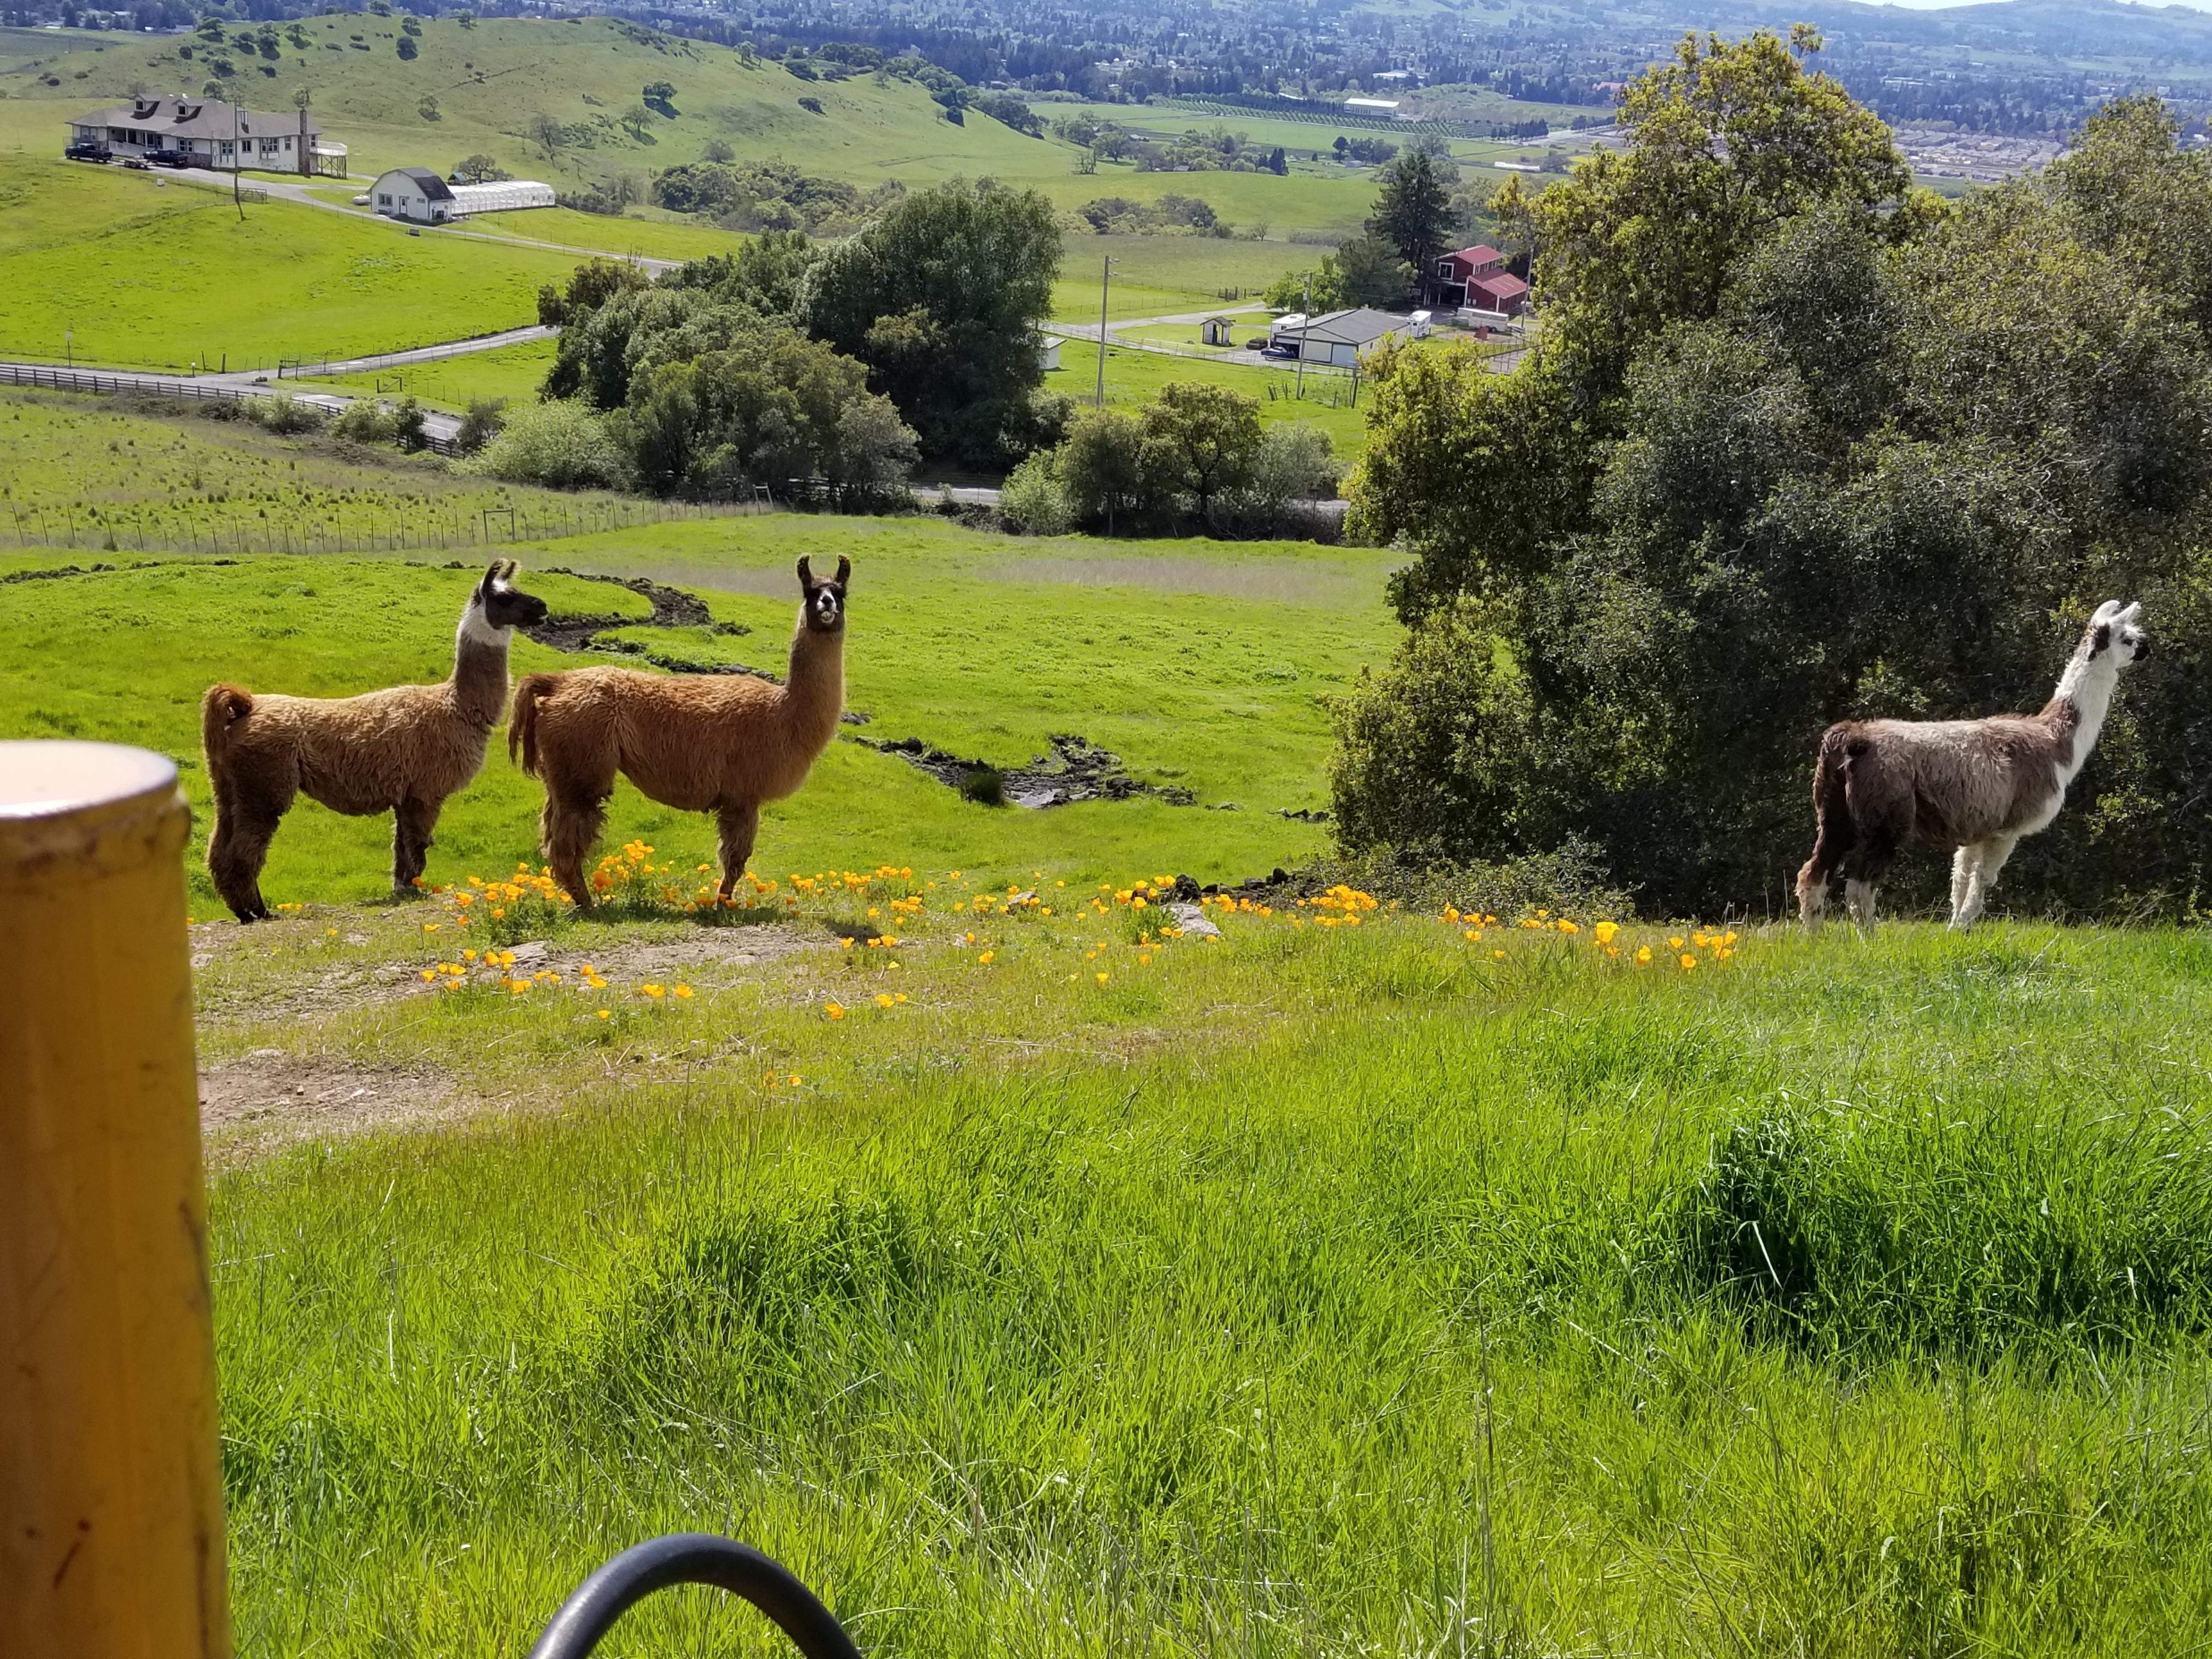 Wildlife - Llamas - Santa Rosa, CA